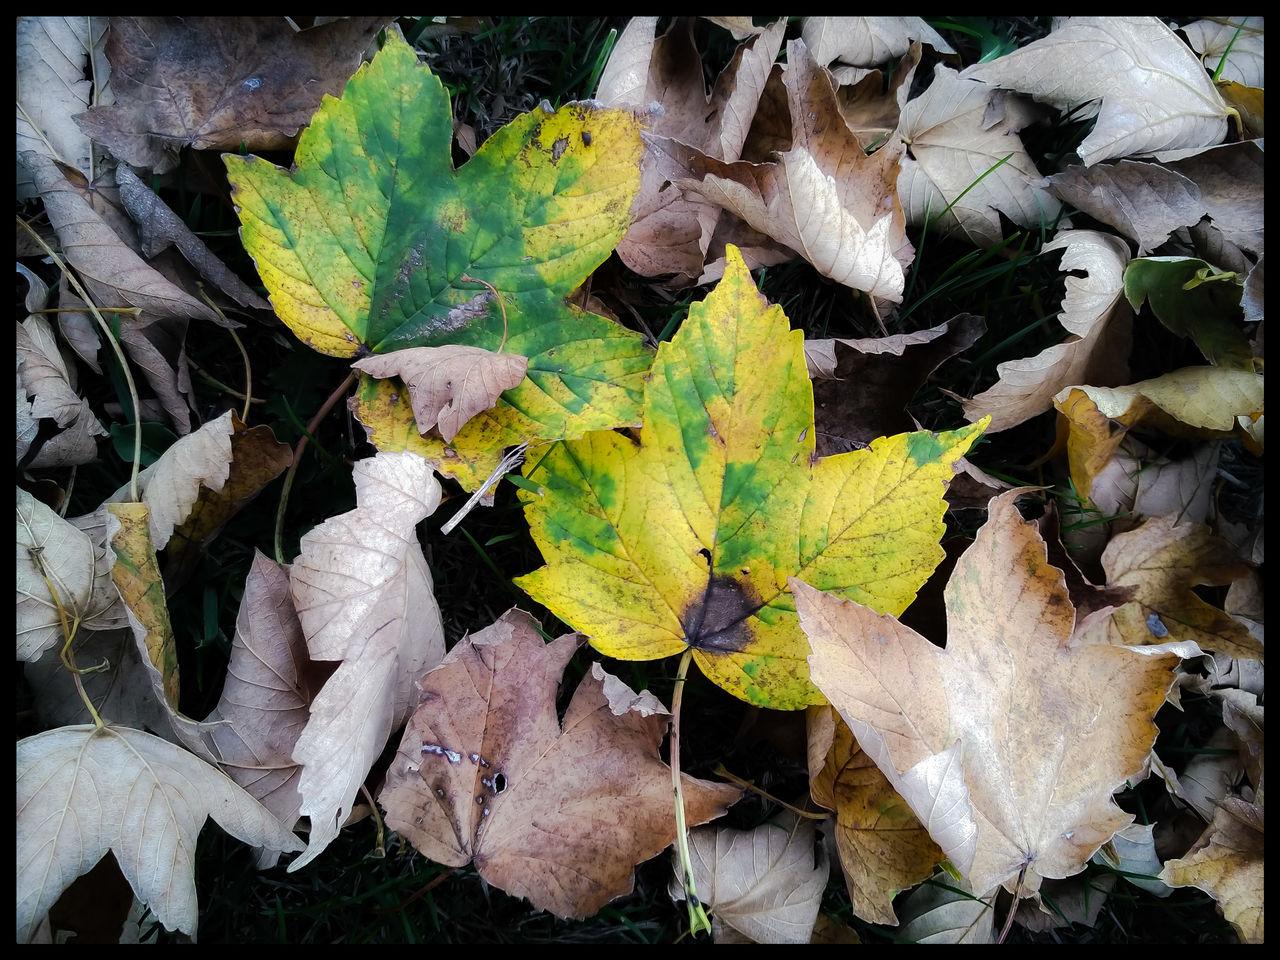 Bild Natur Fotografie Herbst Digitale Kunst Von Marietta Holzer Bei Kunstnet